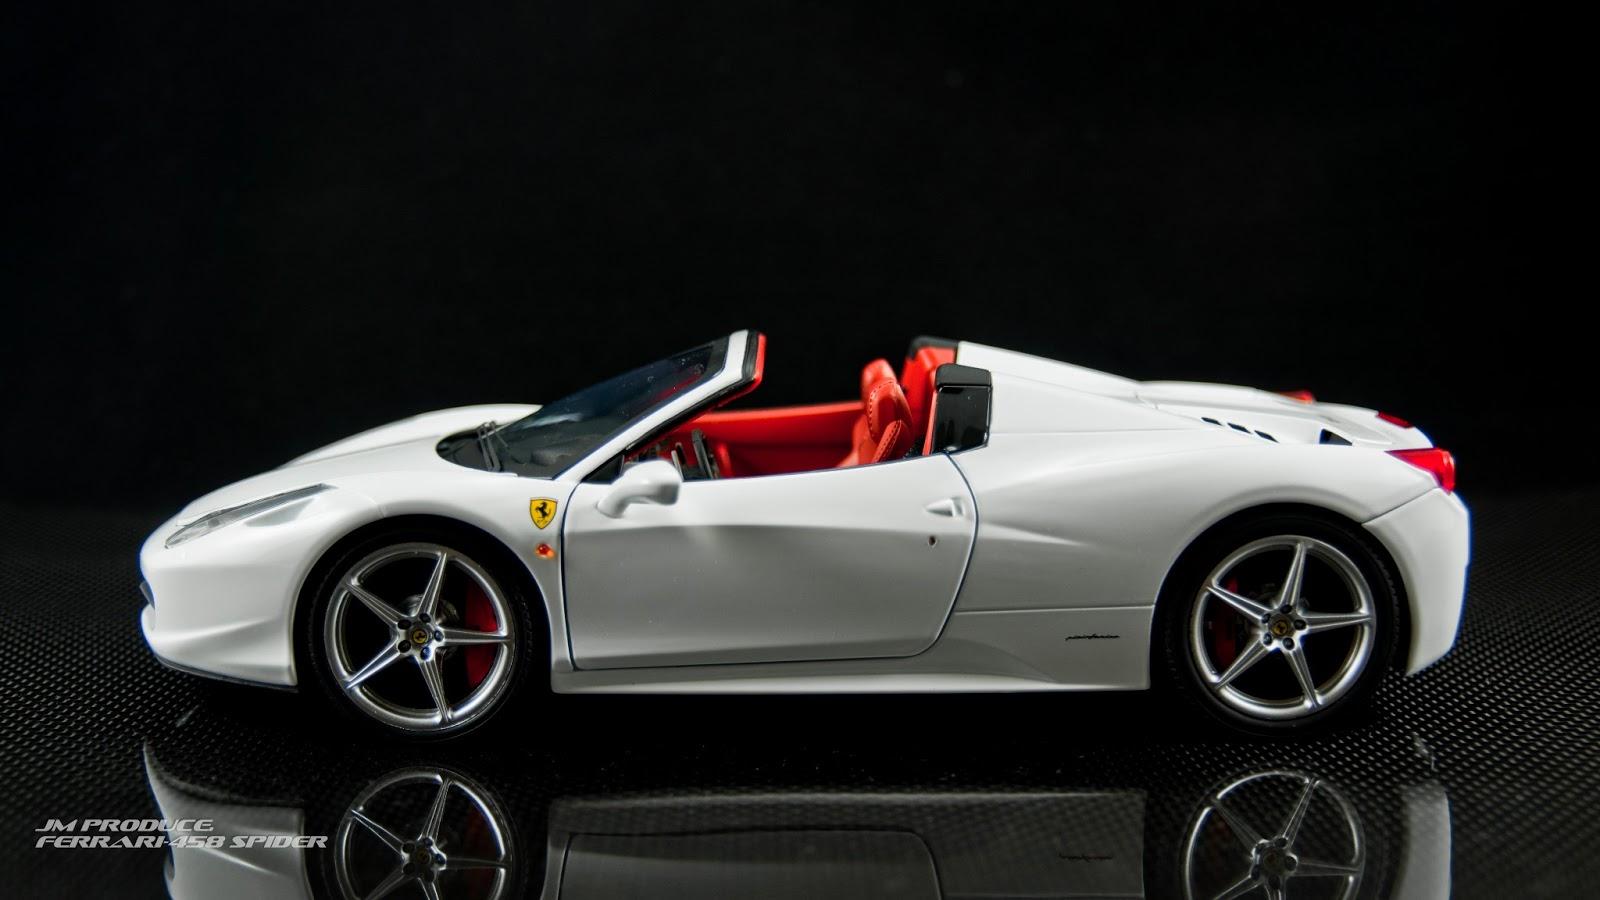 *: Ferrari 458 Spider white ver. (Hotwheels 1:18)